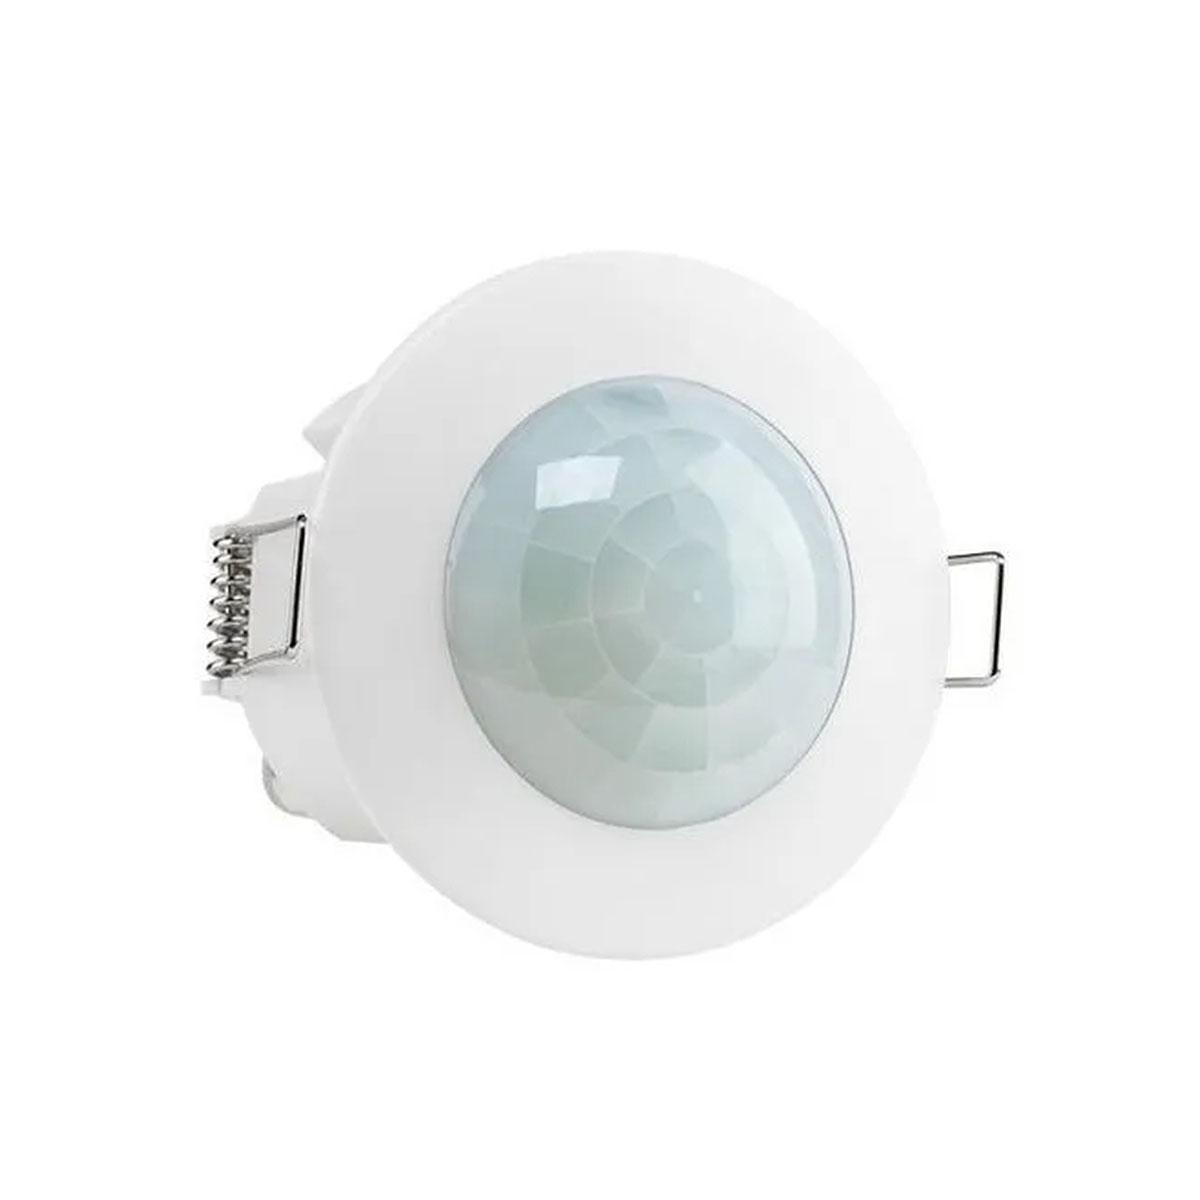 Kit 10 Interruptor Intelbras Presença e Iluminação Esp 360 E